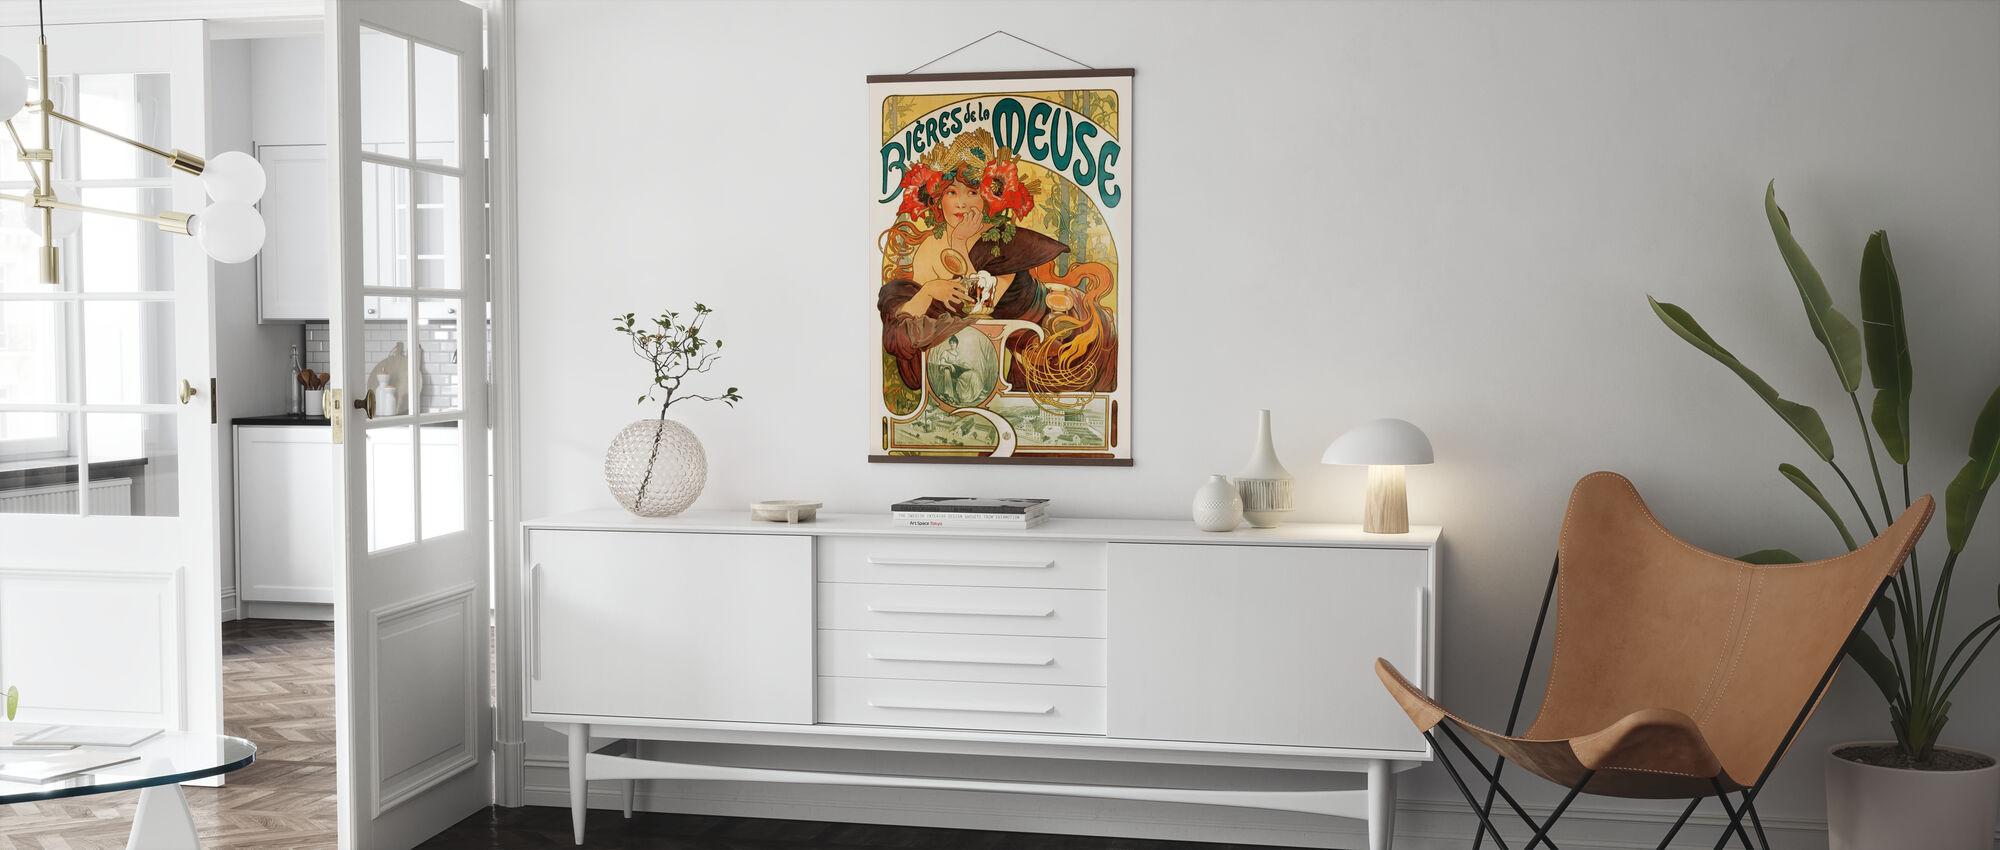 Alphonse Mucha - Bieres de La Meuse - Affiche - Salle à manger